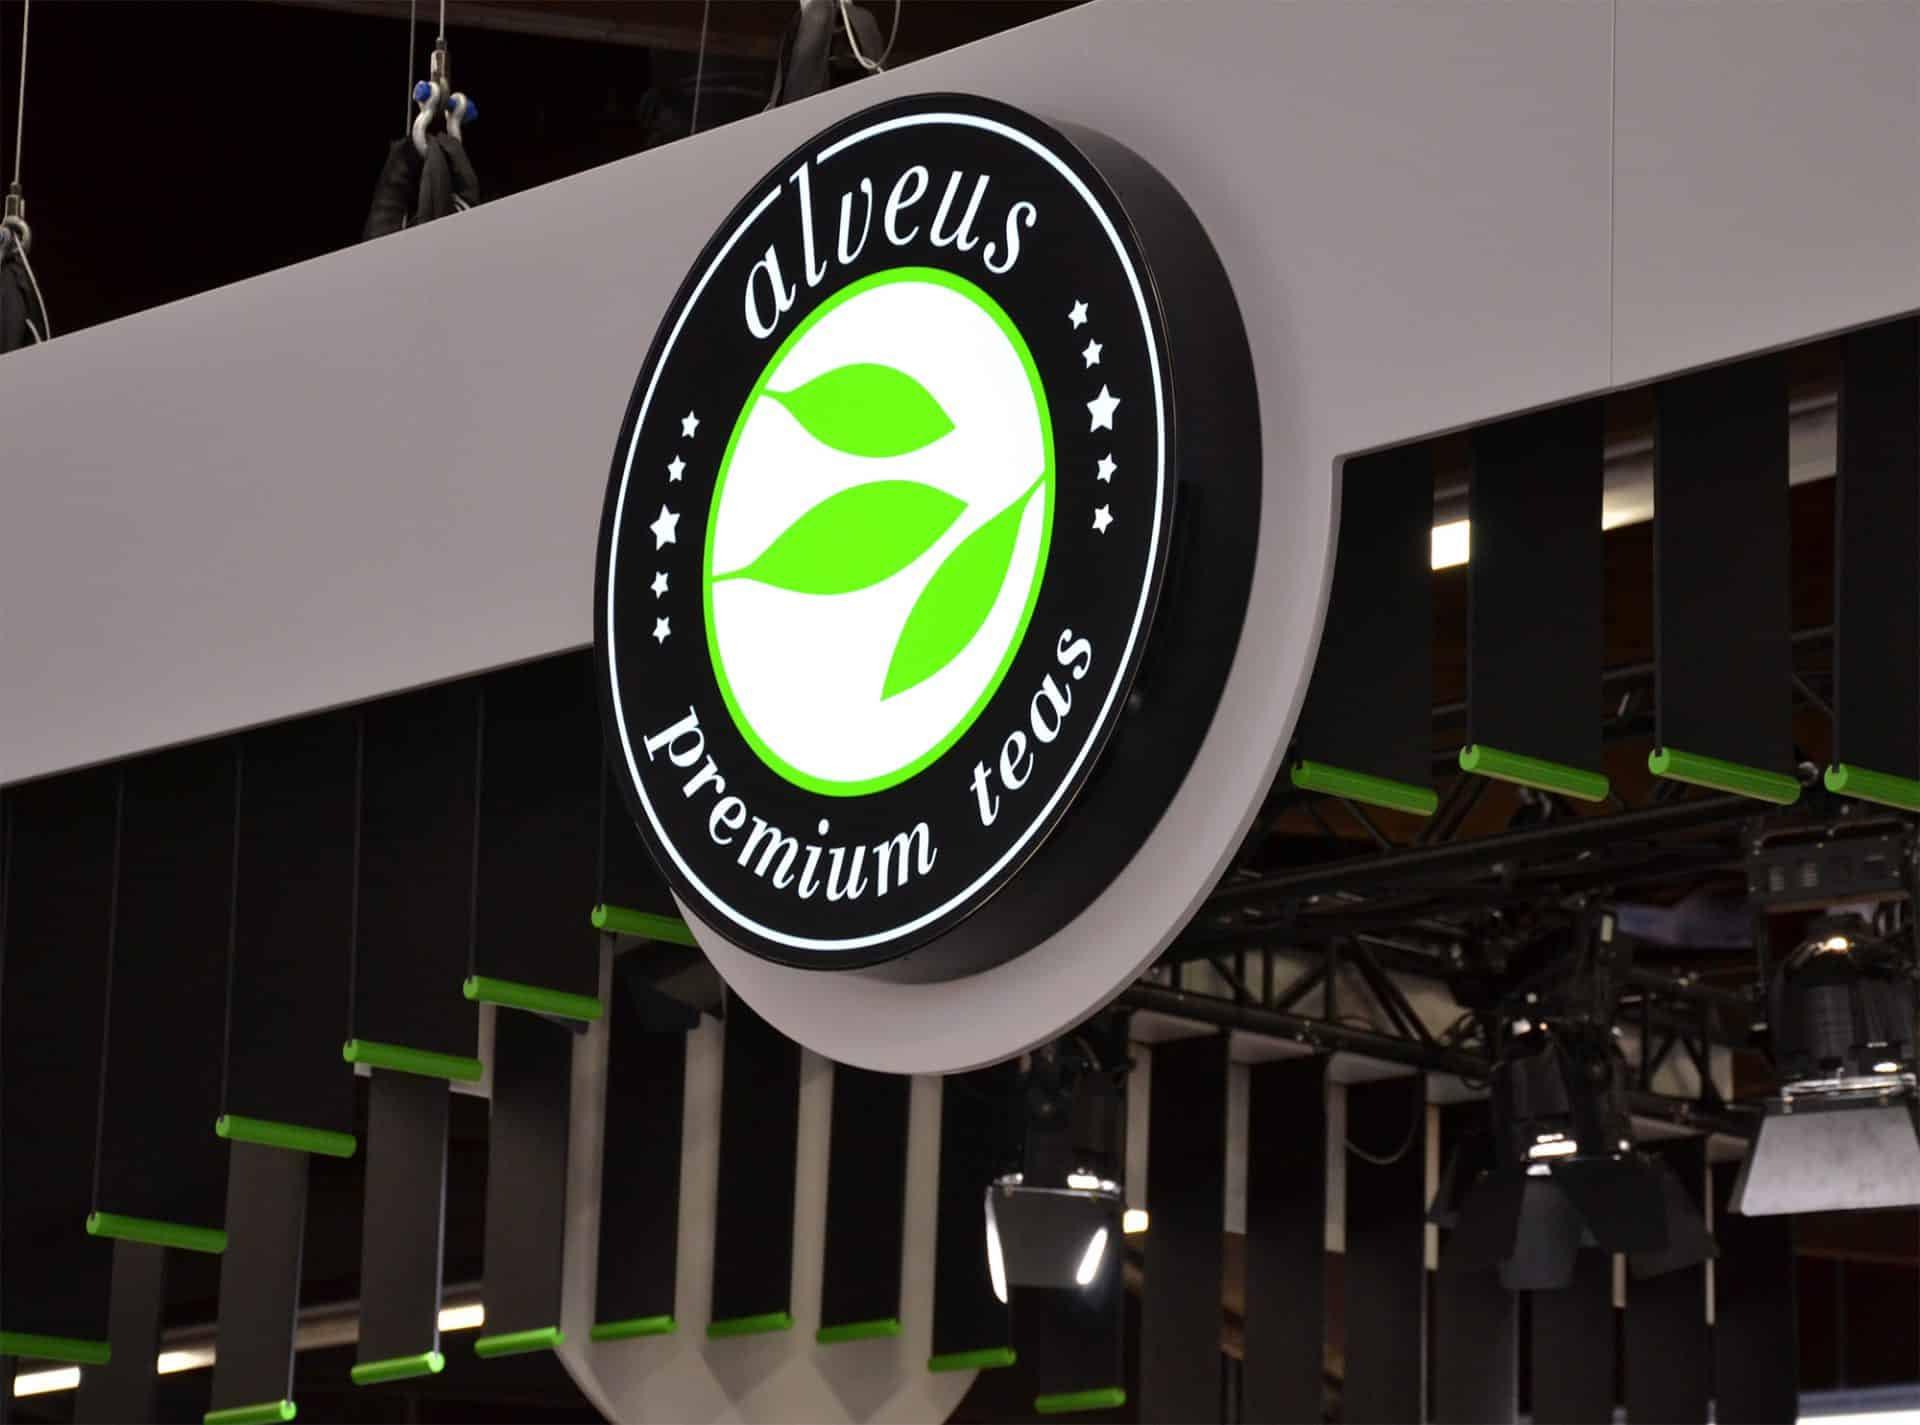 Messe-Konzept Messe-Design Corporate-Design alveus premium-teas edel in Schwarz mit Akzenten in Eiche Weiß und Grün Lamellen und Leuchtschild mit Logo an Traversen Low-Budget design von Lange Architekten für alveus Biofach